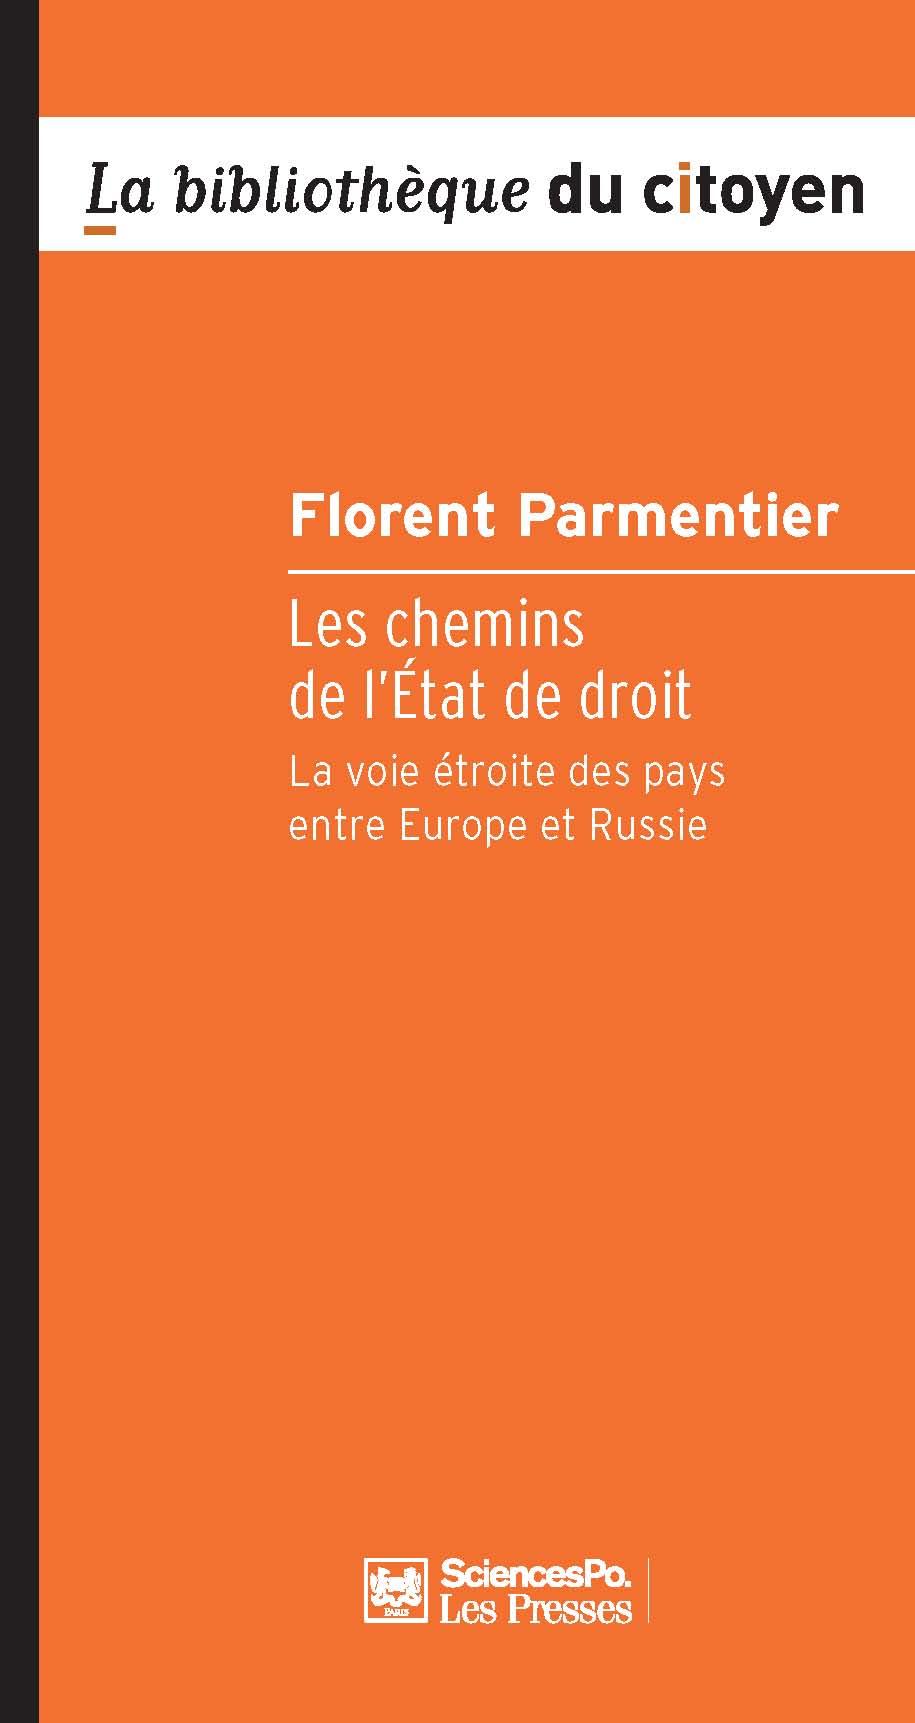 2014-12-10-Parmentier_1redecouve.jpg